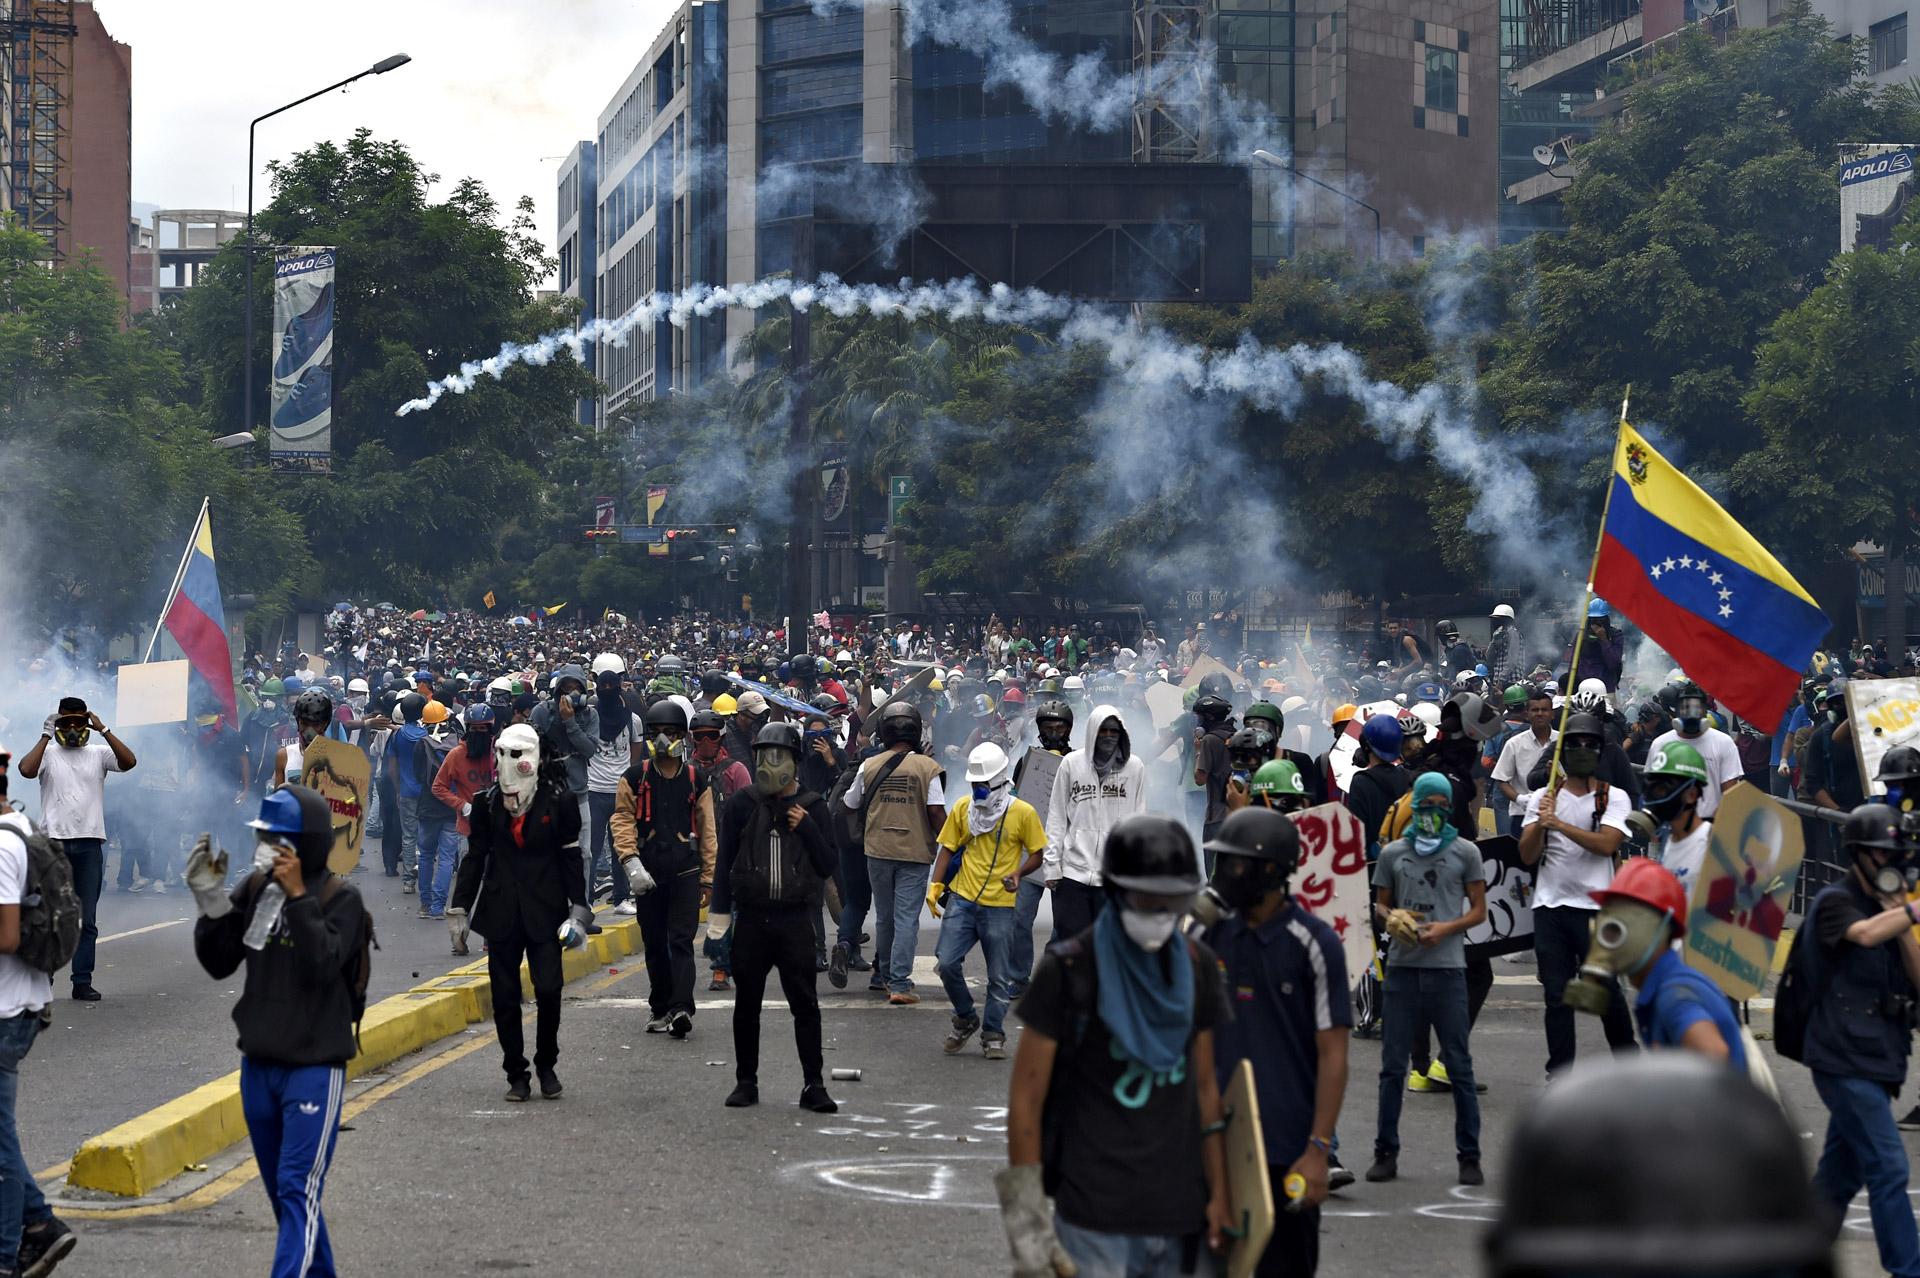 Foto: AFP / Juan Barreto